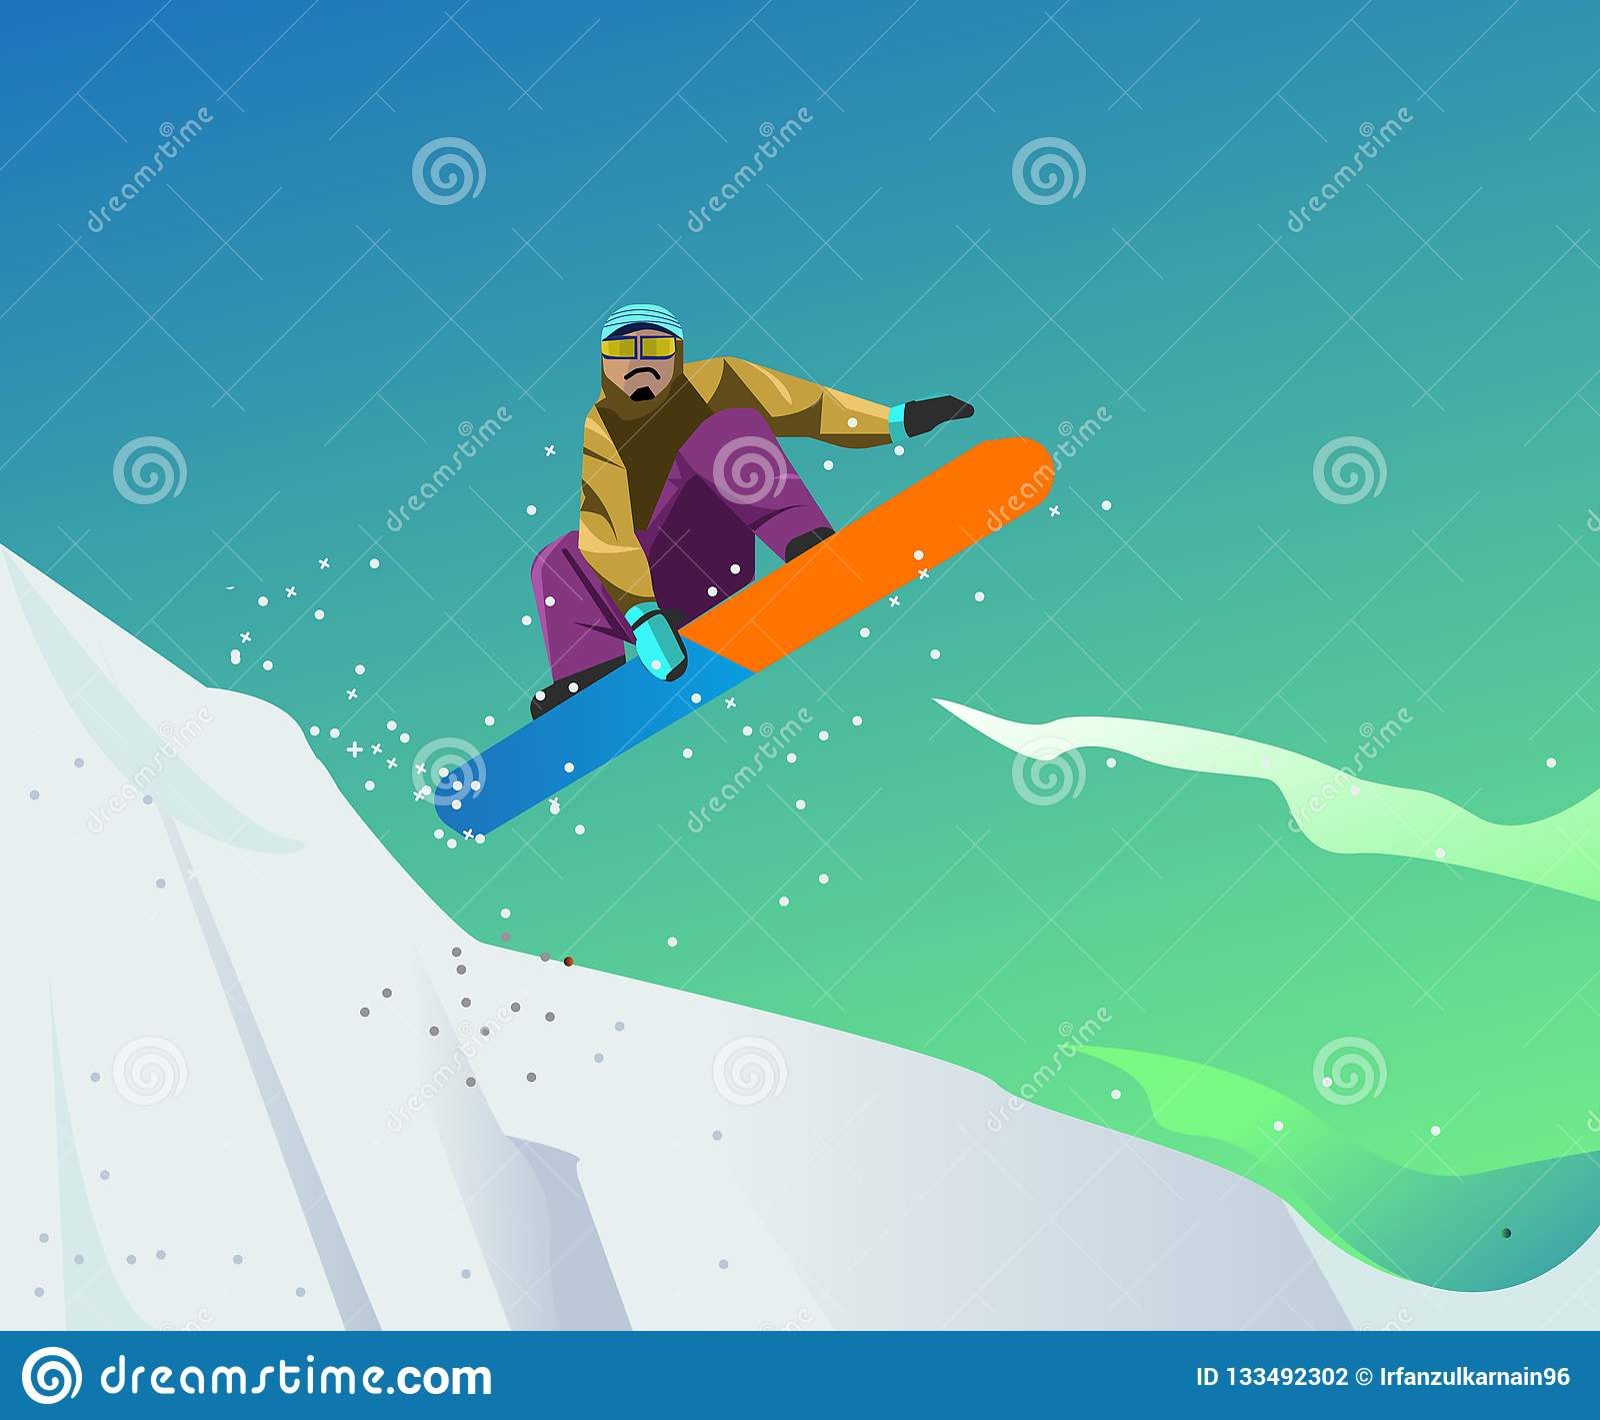 Ilustração do esporte da snowboarding com estilo do vetor